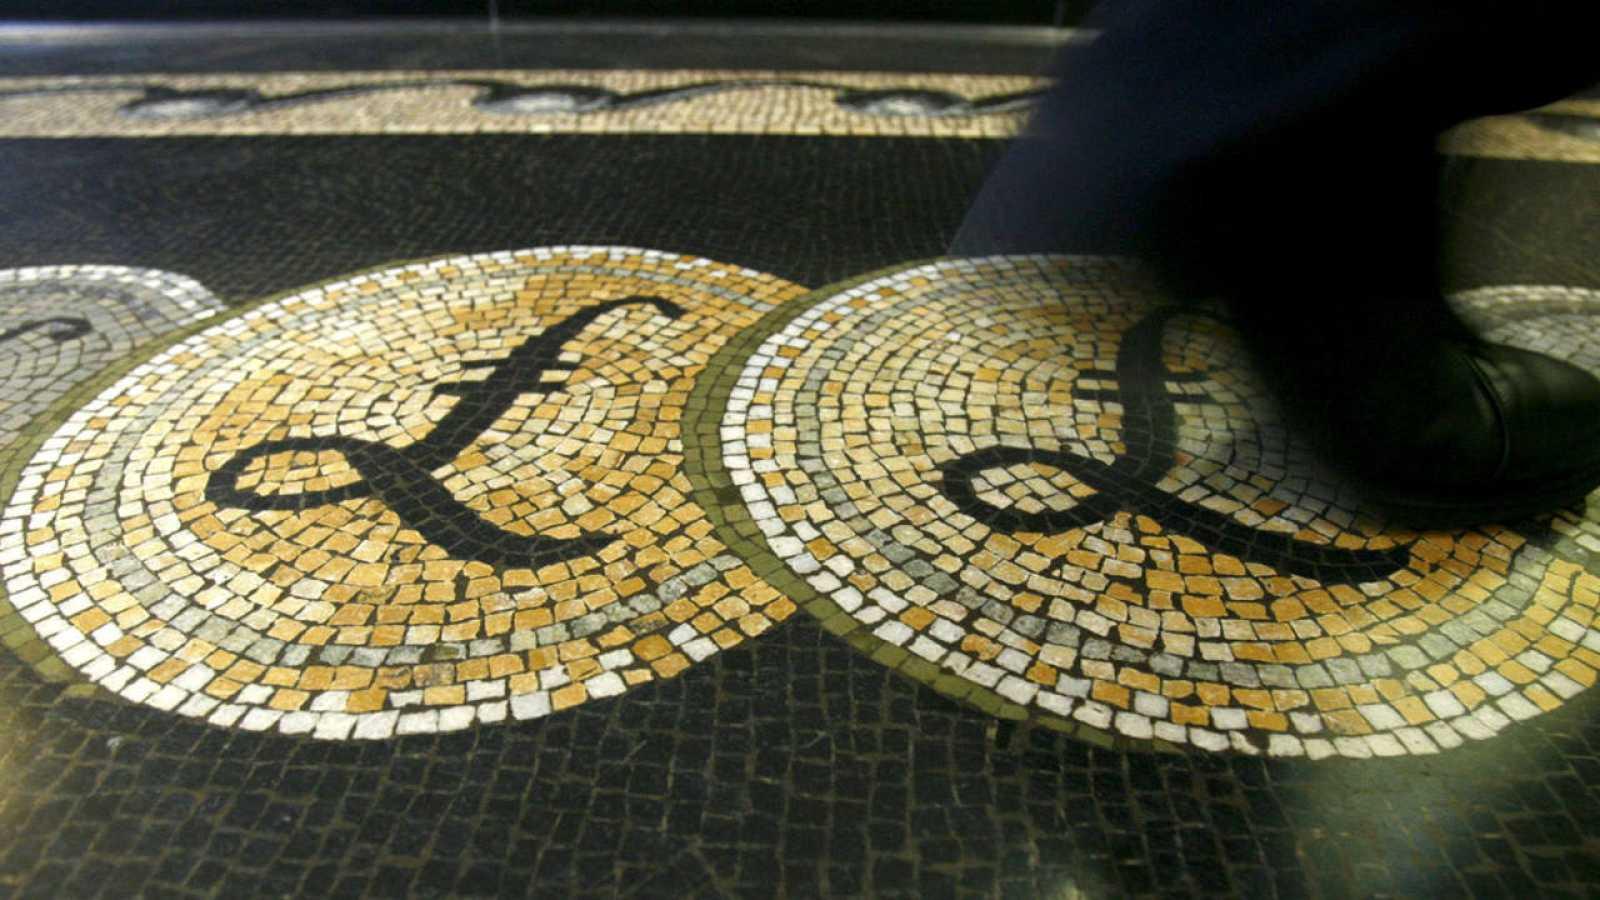 Una persona camina sobre un mosaico con el símbolo de la libra siutado en la entrada del Banco de Inglaterra